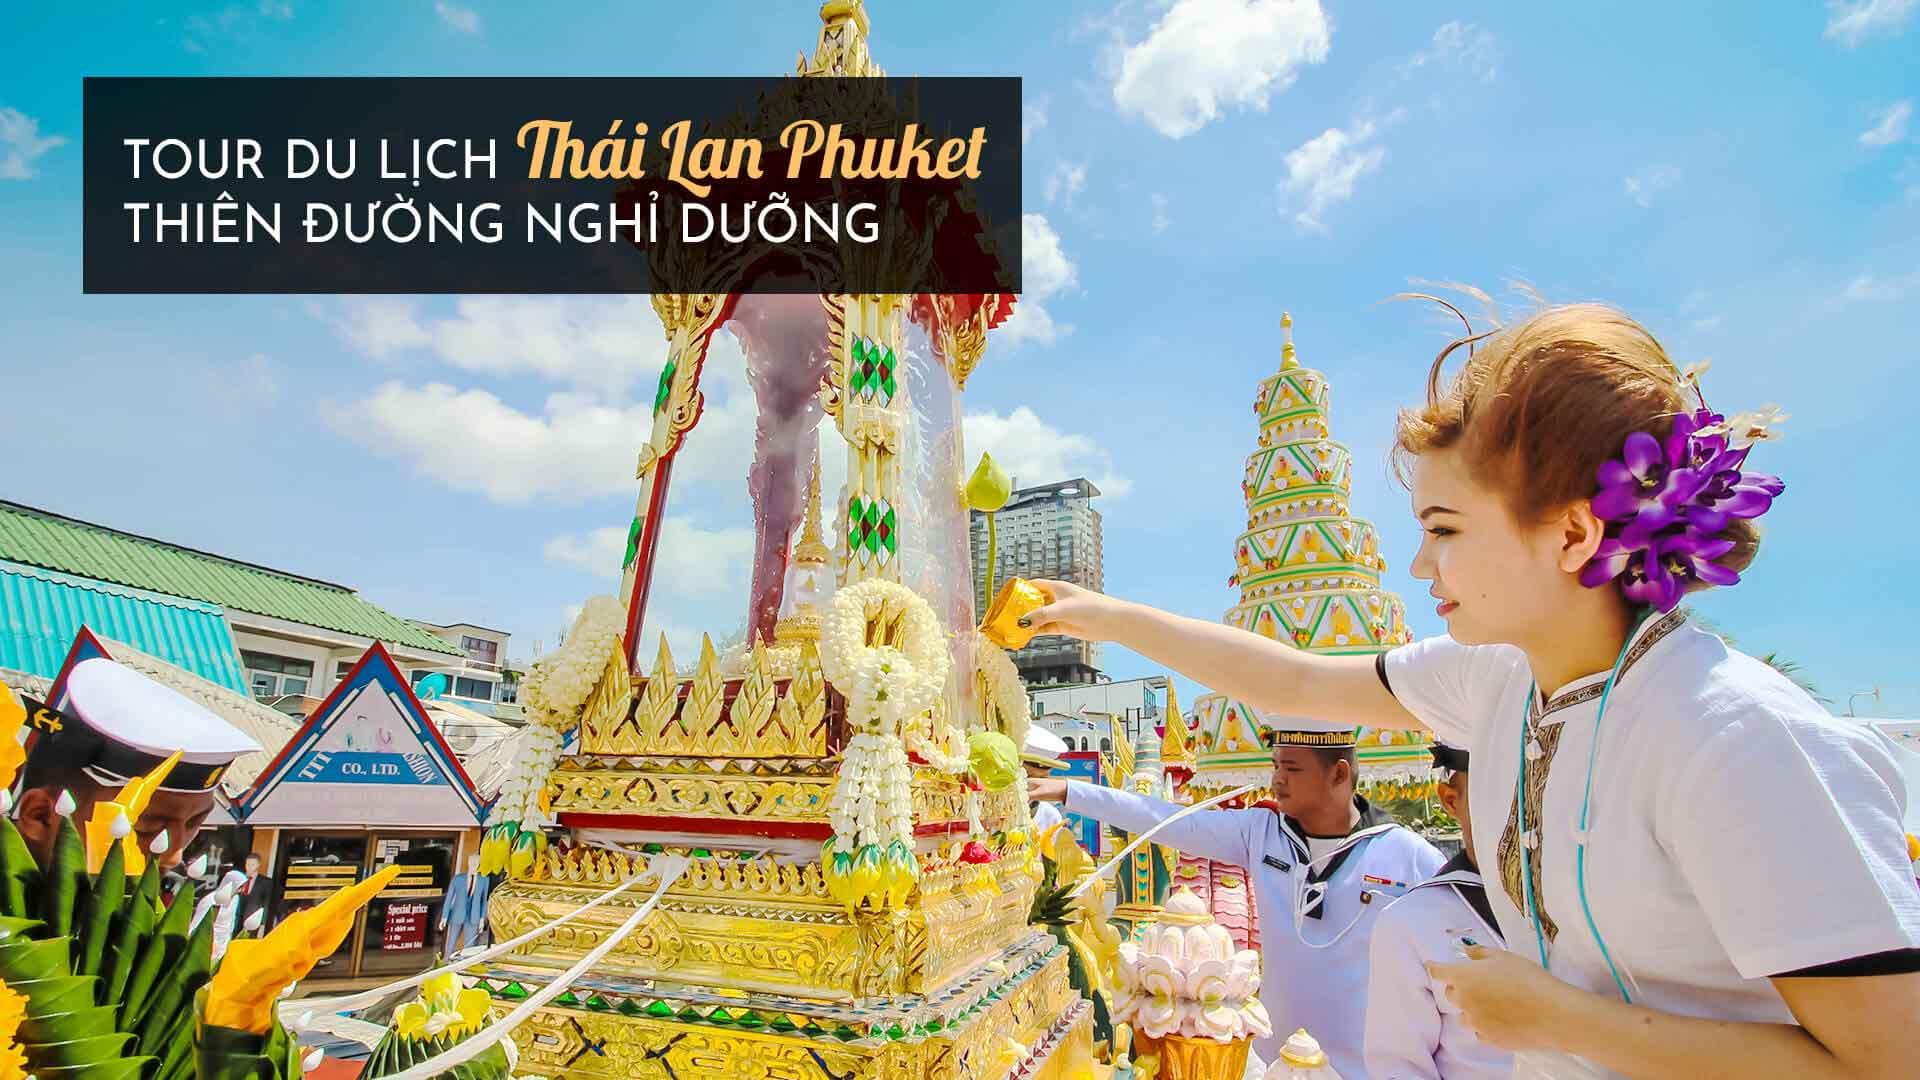 Tour du lịch Thái Lan Phuket - Thiên đường nghỉ dưỡng